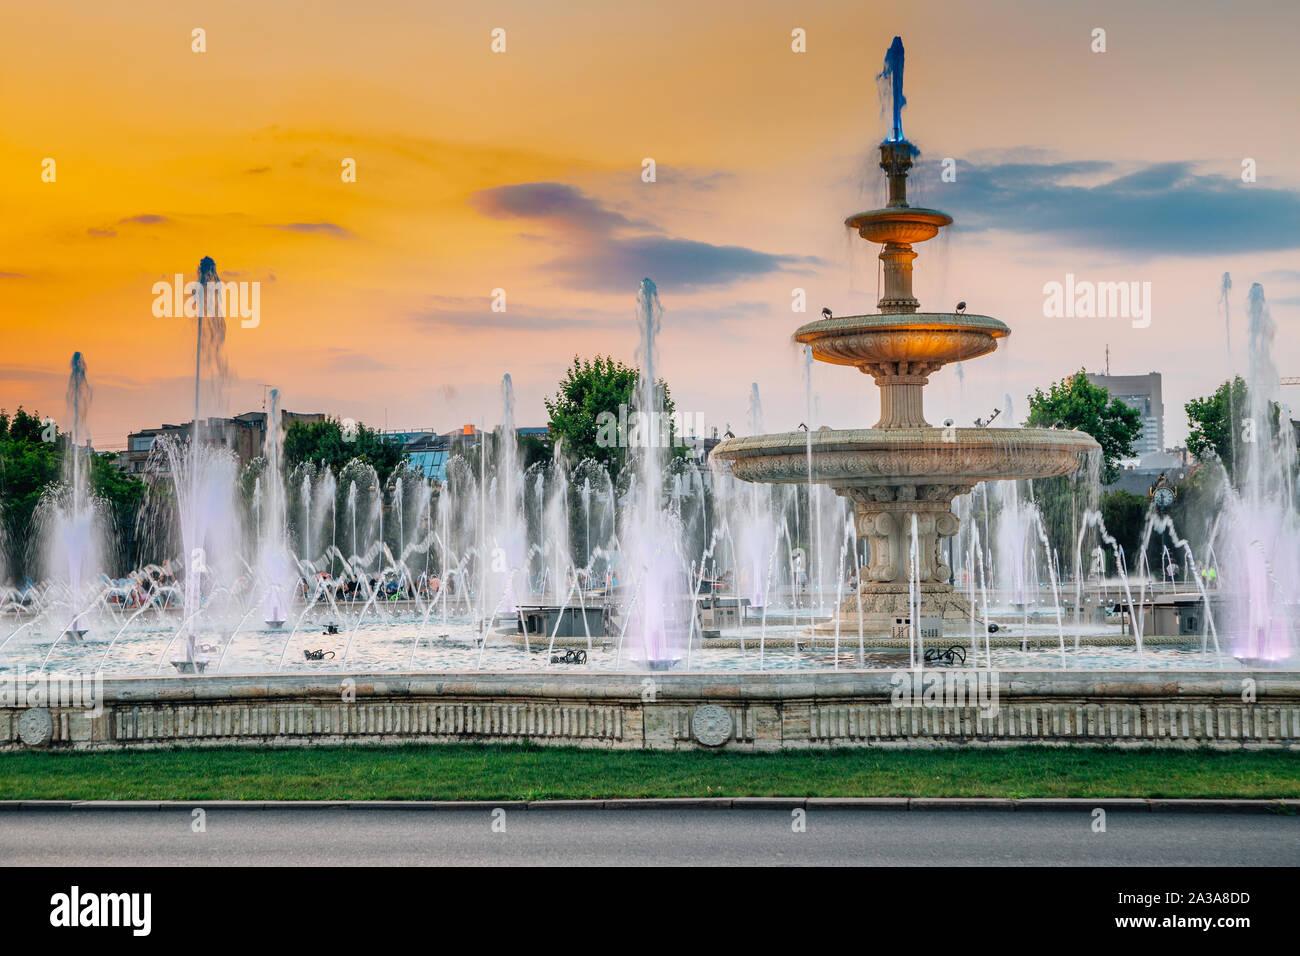 Brunnen mit Sonnenuntergang am Unirii Platz in Bukarest, Rumänien Stockfoto